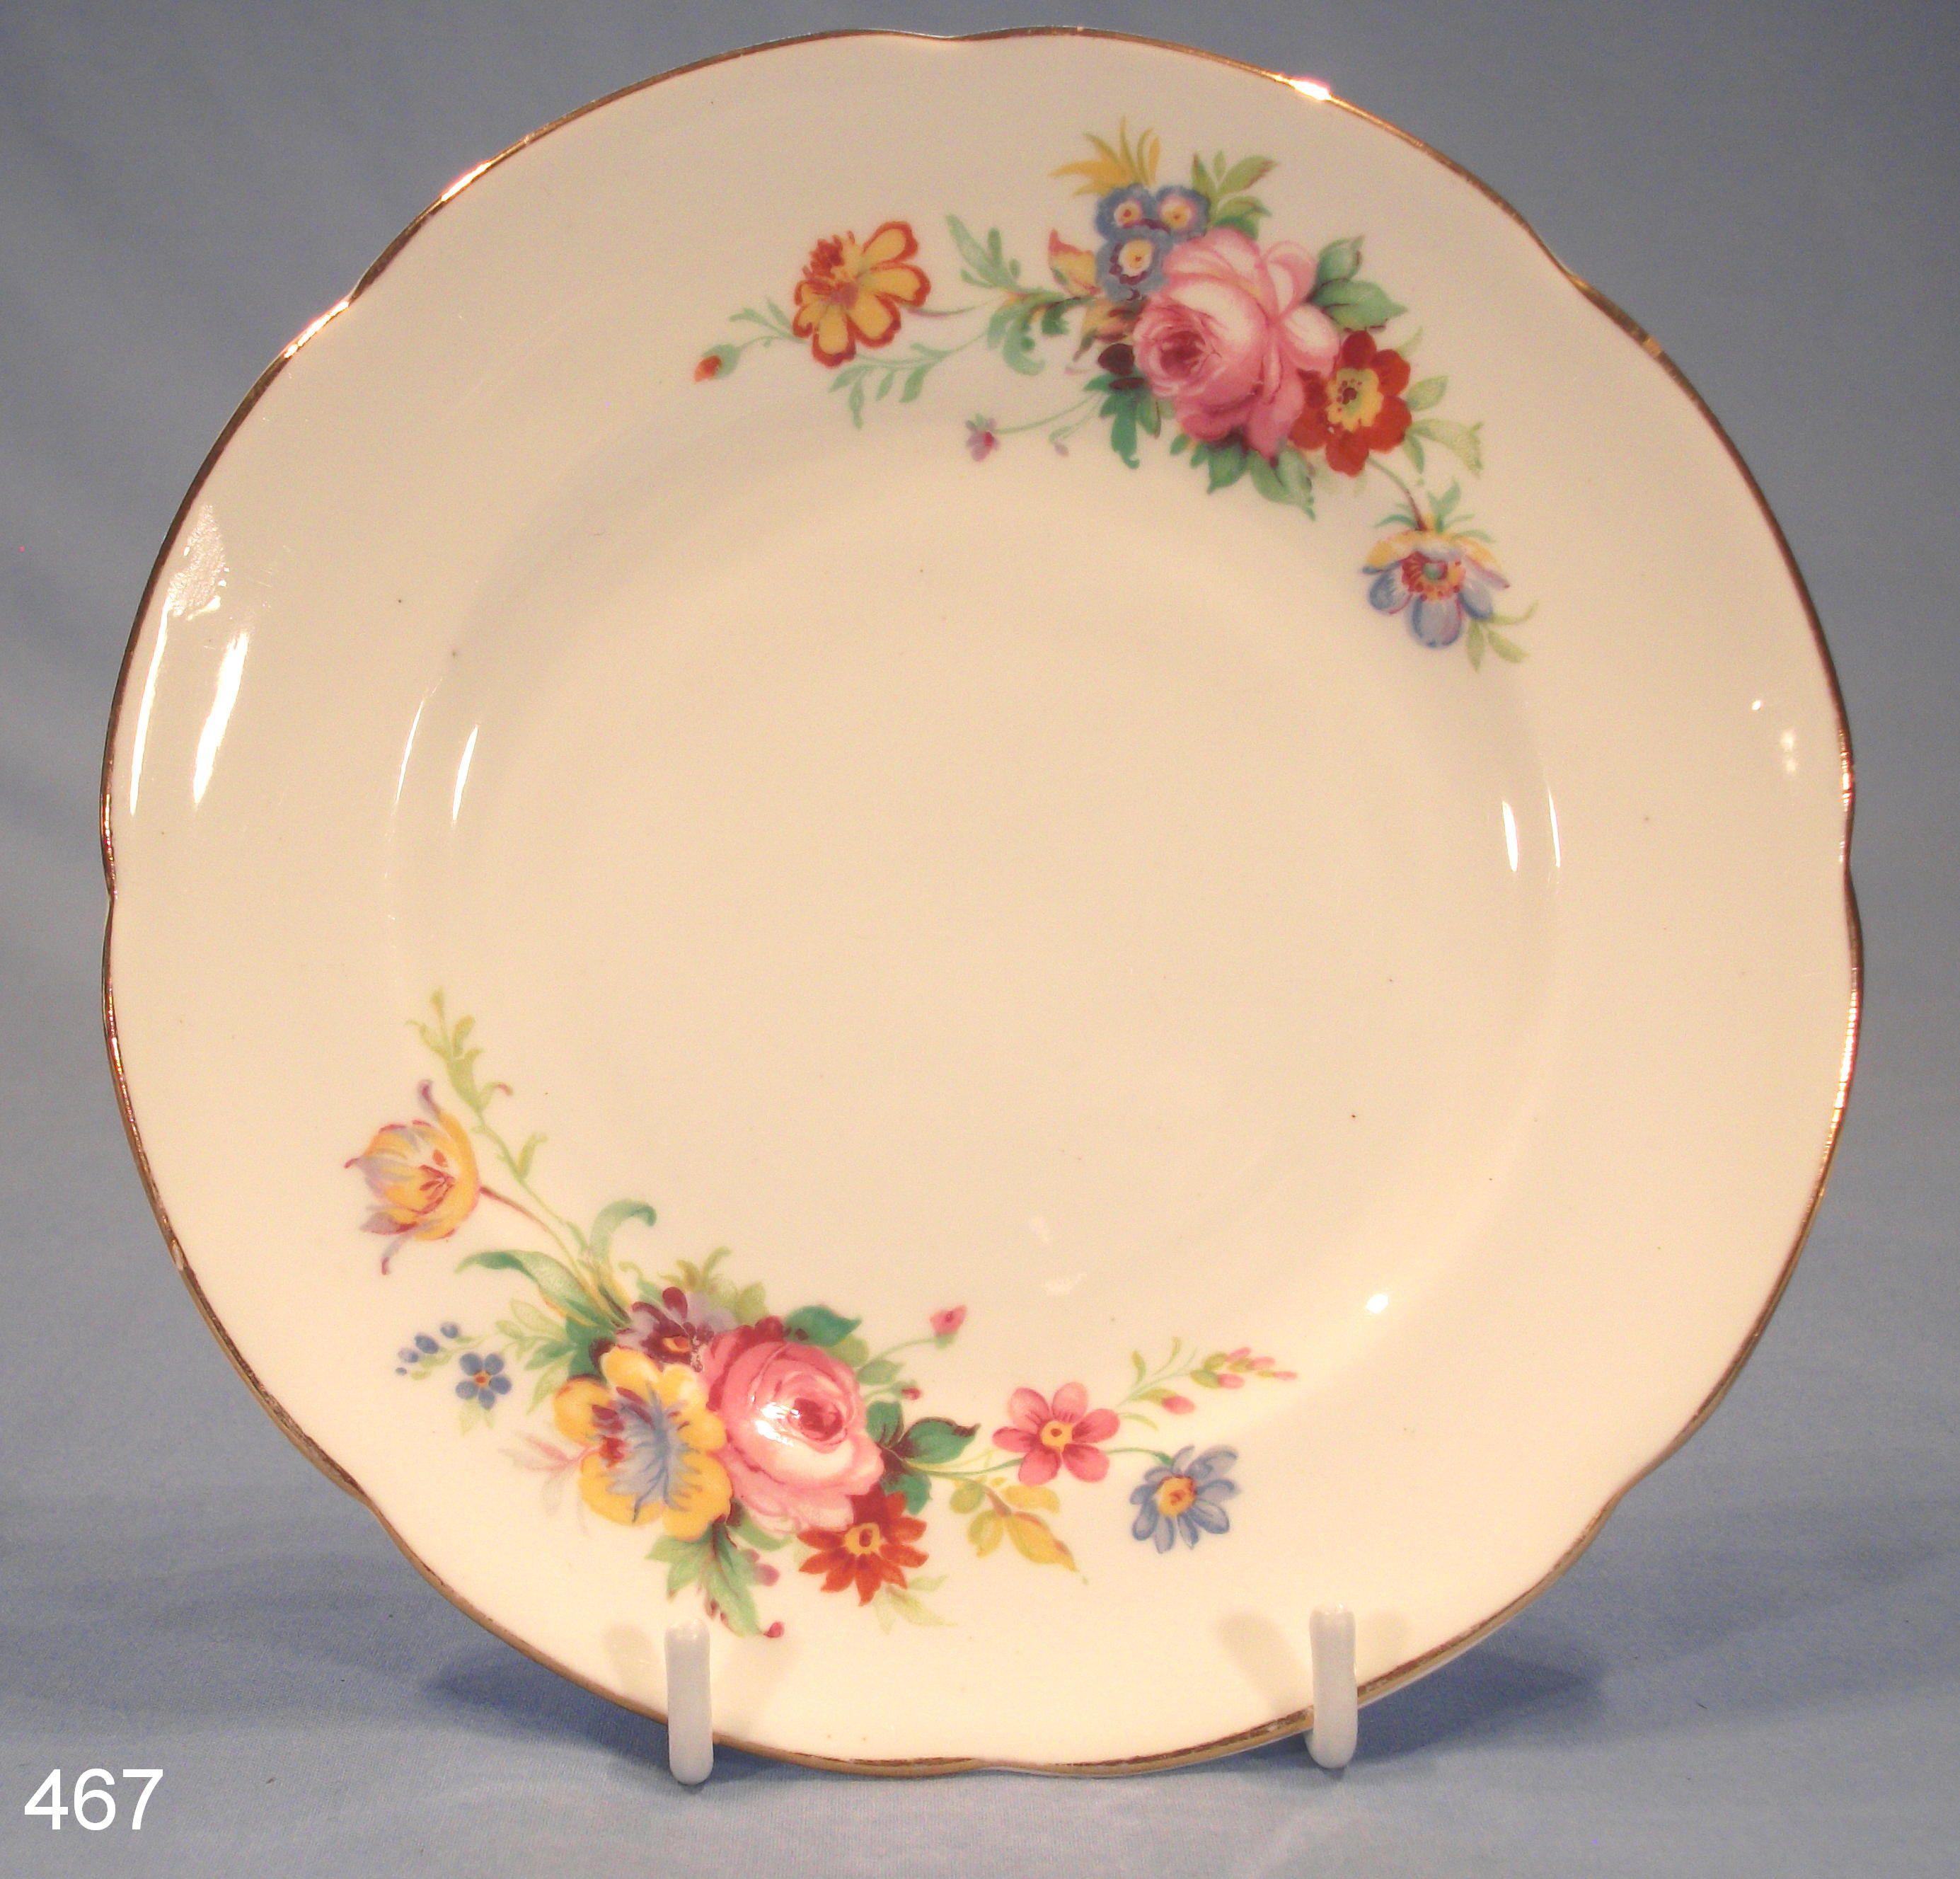 antique dishes | royal stuart floral vintage bone china tea plate very pretty vintage . & antique dishes | royal stuart floral vintage bone china tea plate ...